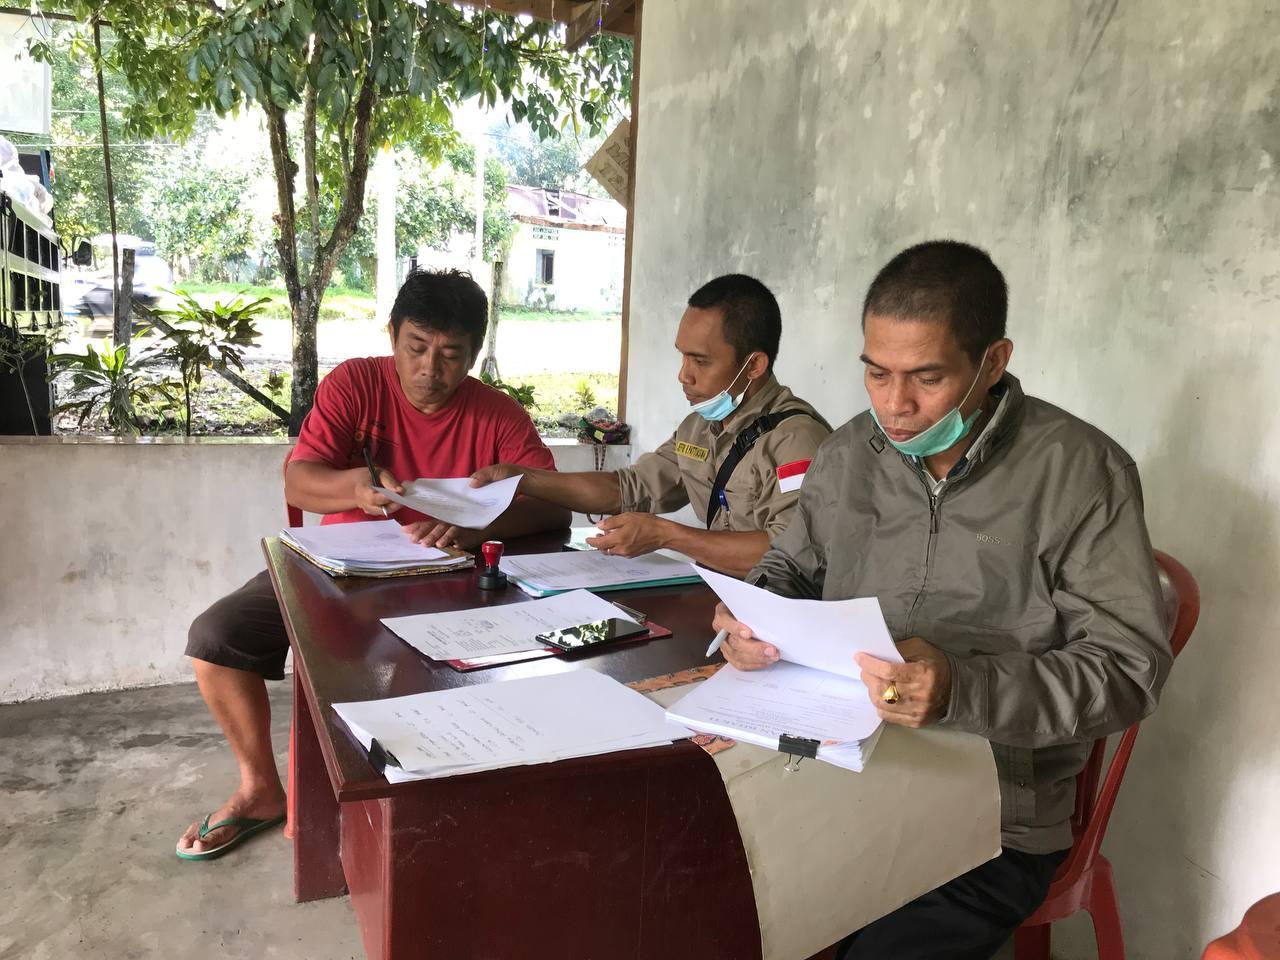 Penandatangan beret acara penyerahan bapok oleh sekretaris Klasis Hatam Oransbari, Balitbangda Papua Barat dan PD. Irian Bhakti